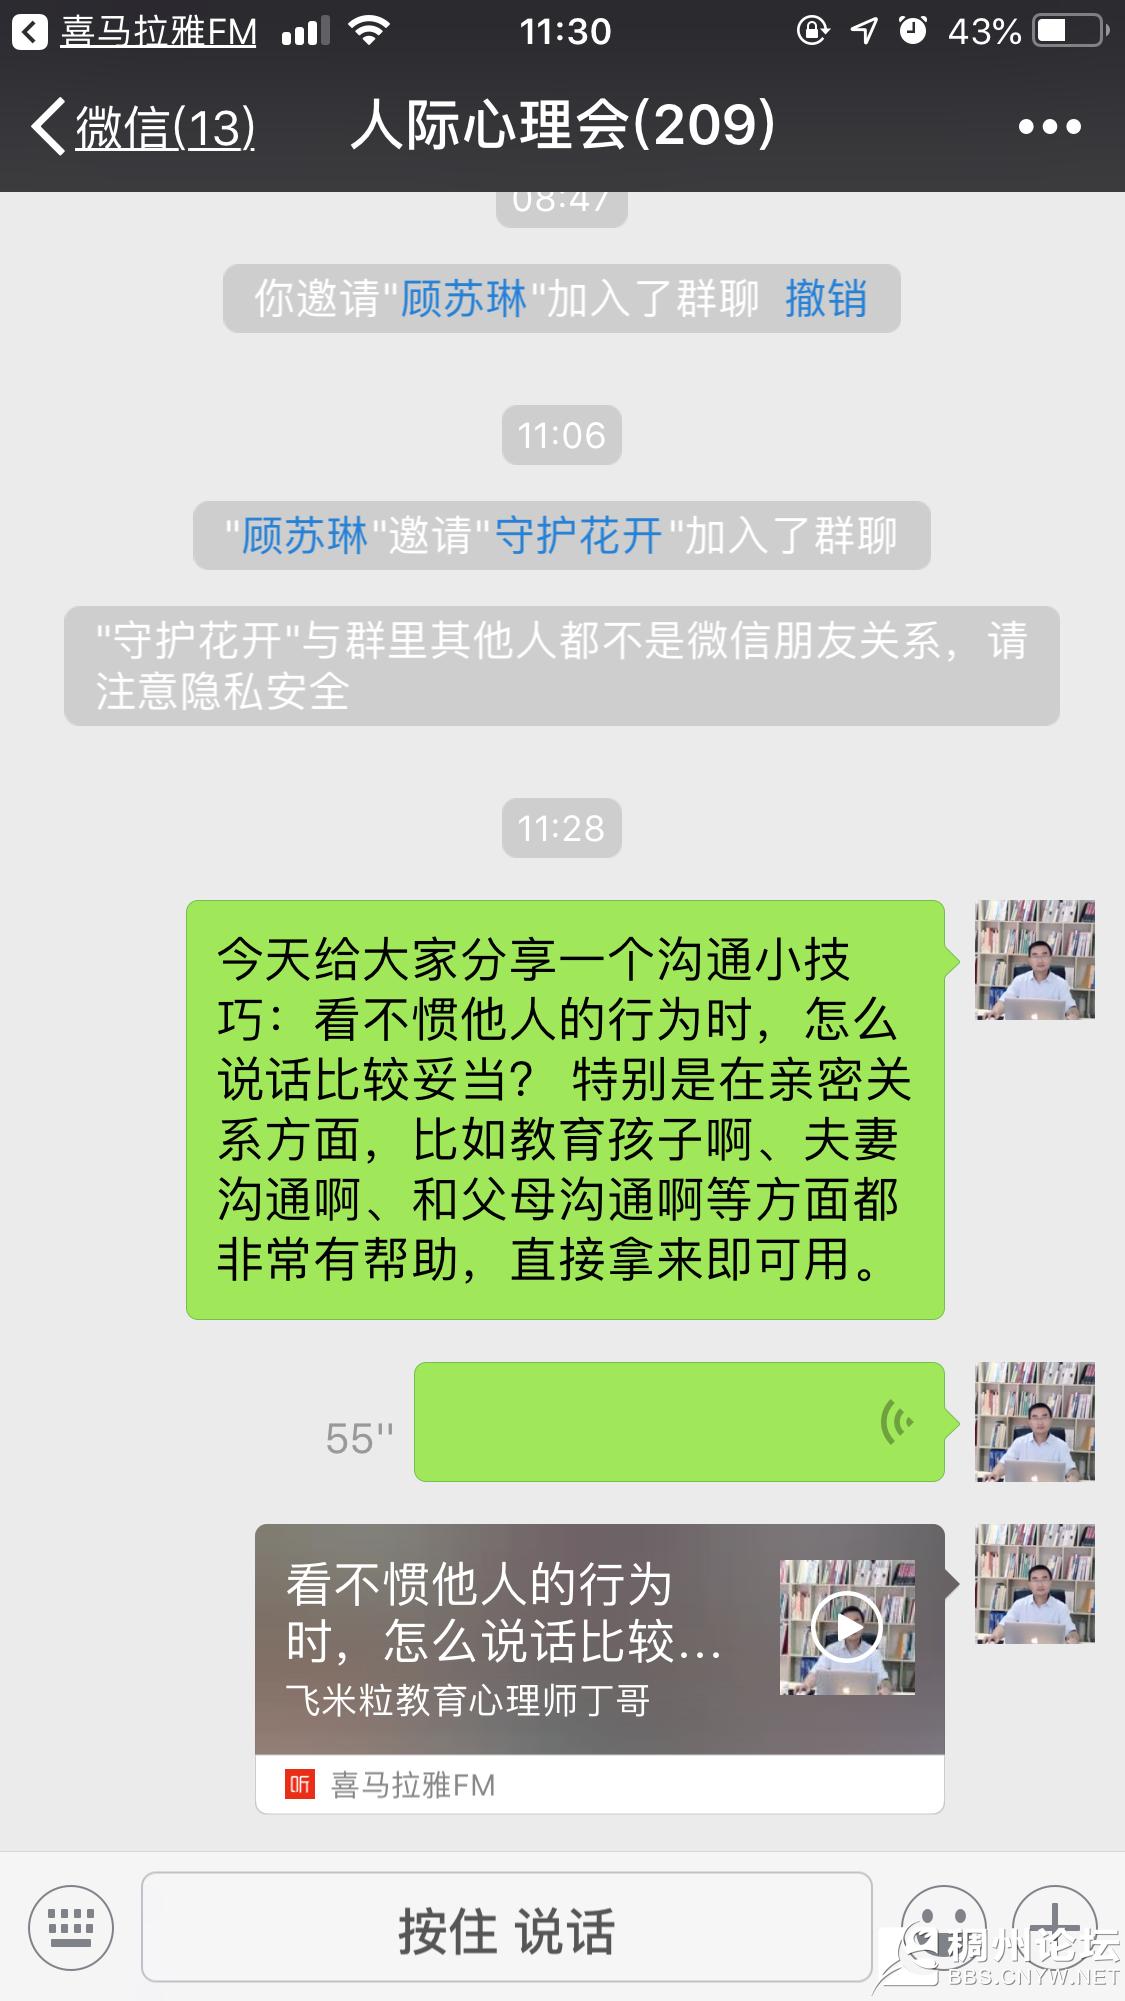 微信分享截图10.11.jpg